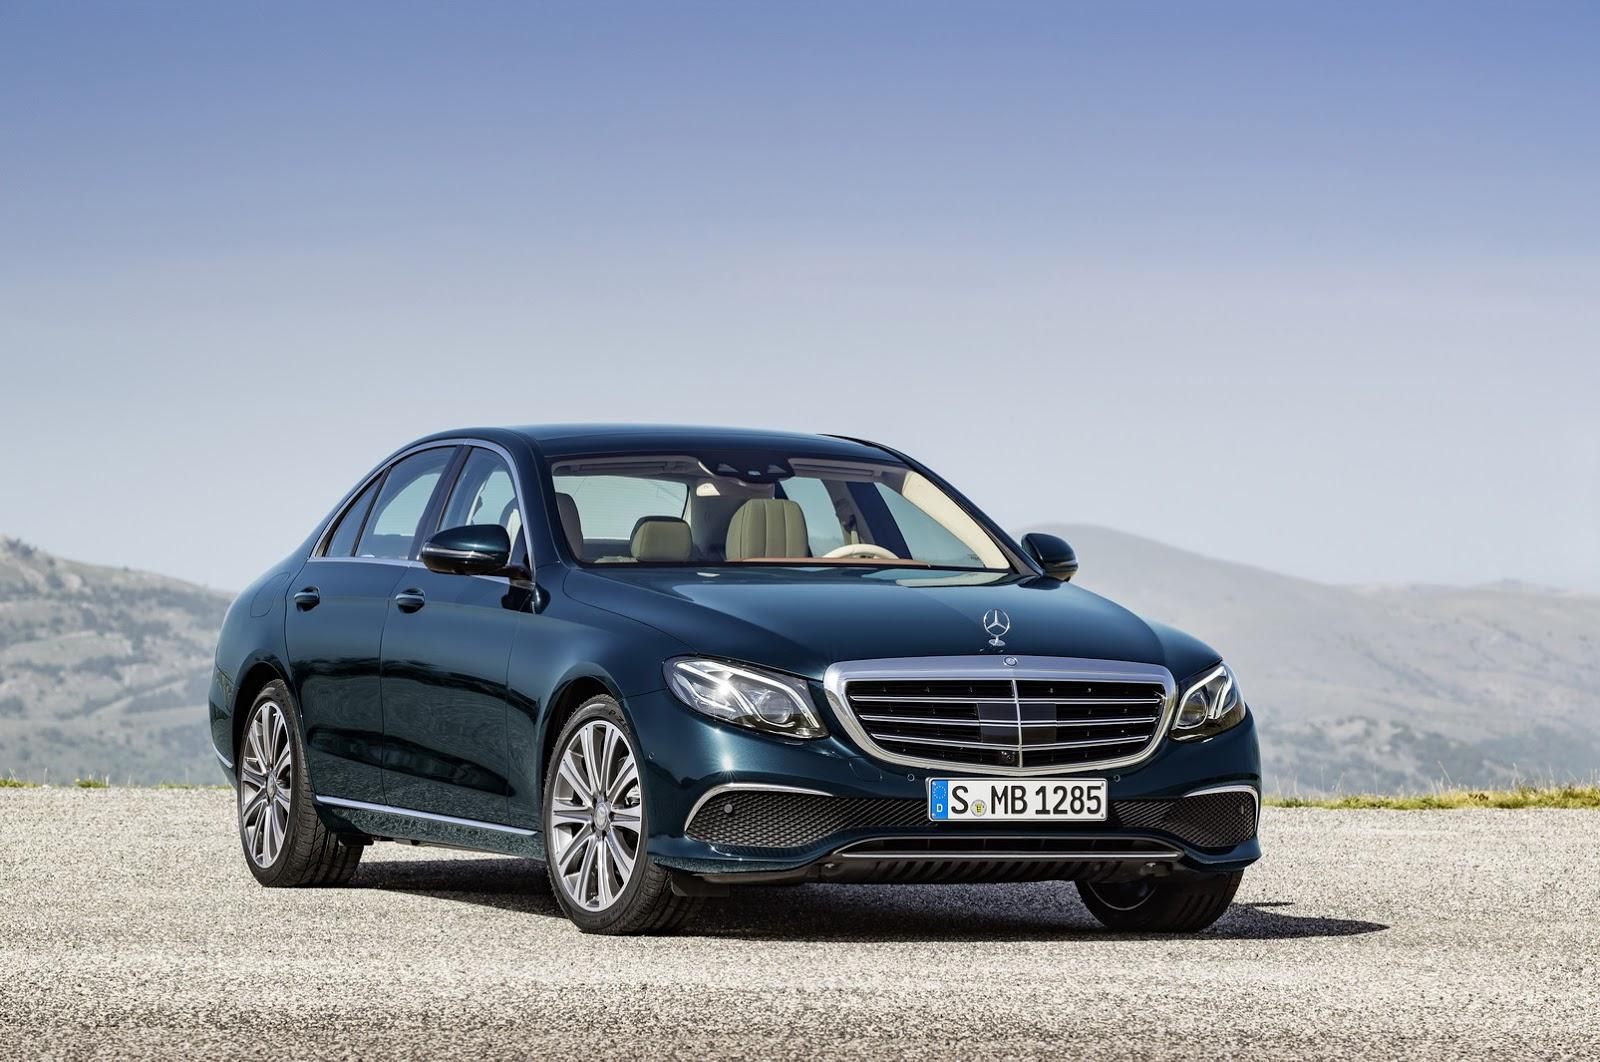 http://3.bp.blogspot.com/-Cbk-8leRNck/VpMFmtw-6AI/AAAAAAABSYA/5vygLMeueu0/s1600/2017-Mercedes-Benz-E-Class-45.jpg